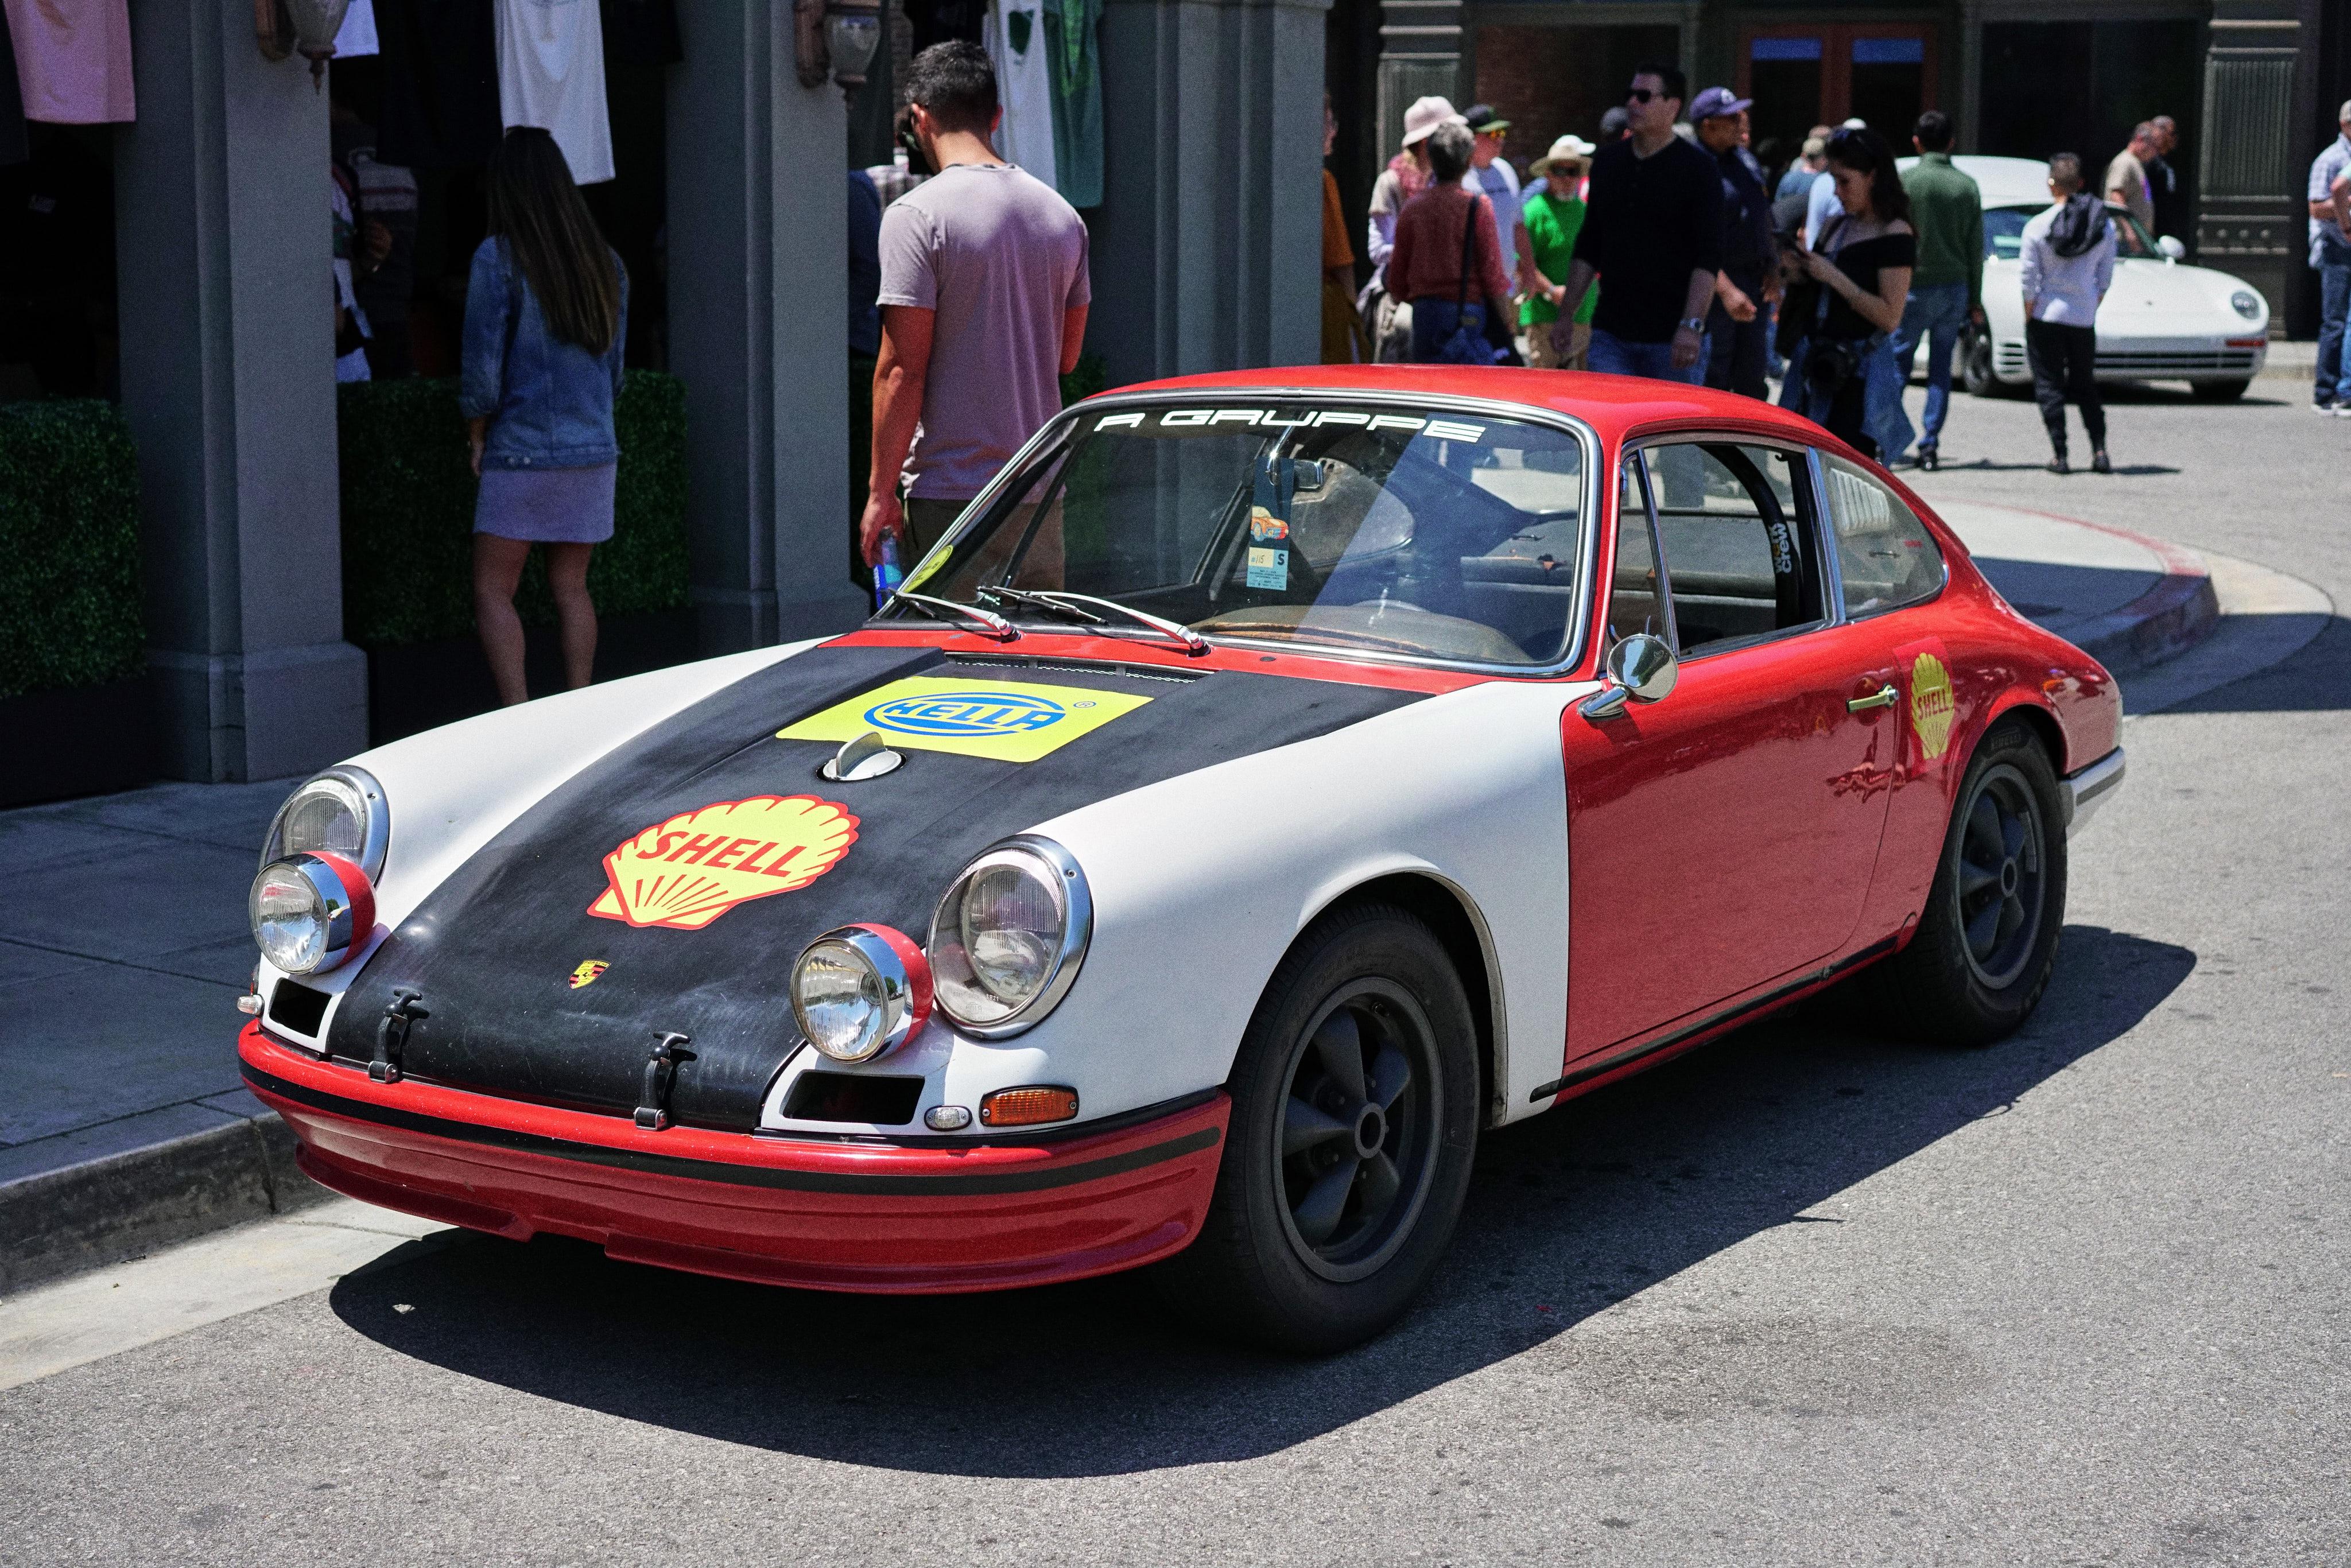 Luftgekühlt-6-Rennen-23-Porsche-911-1966-RGruppe